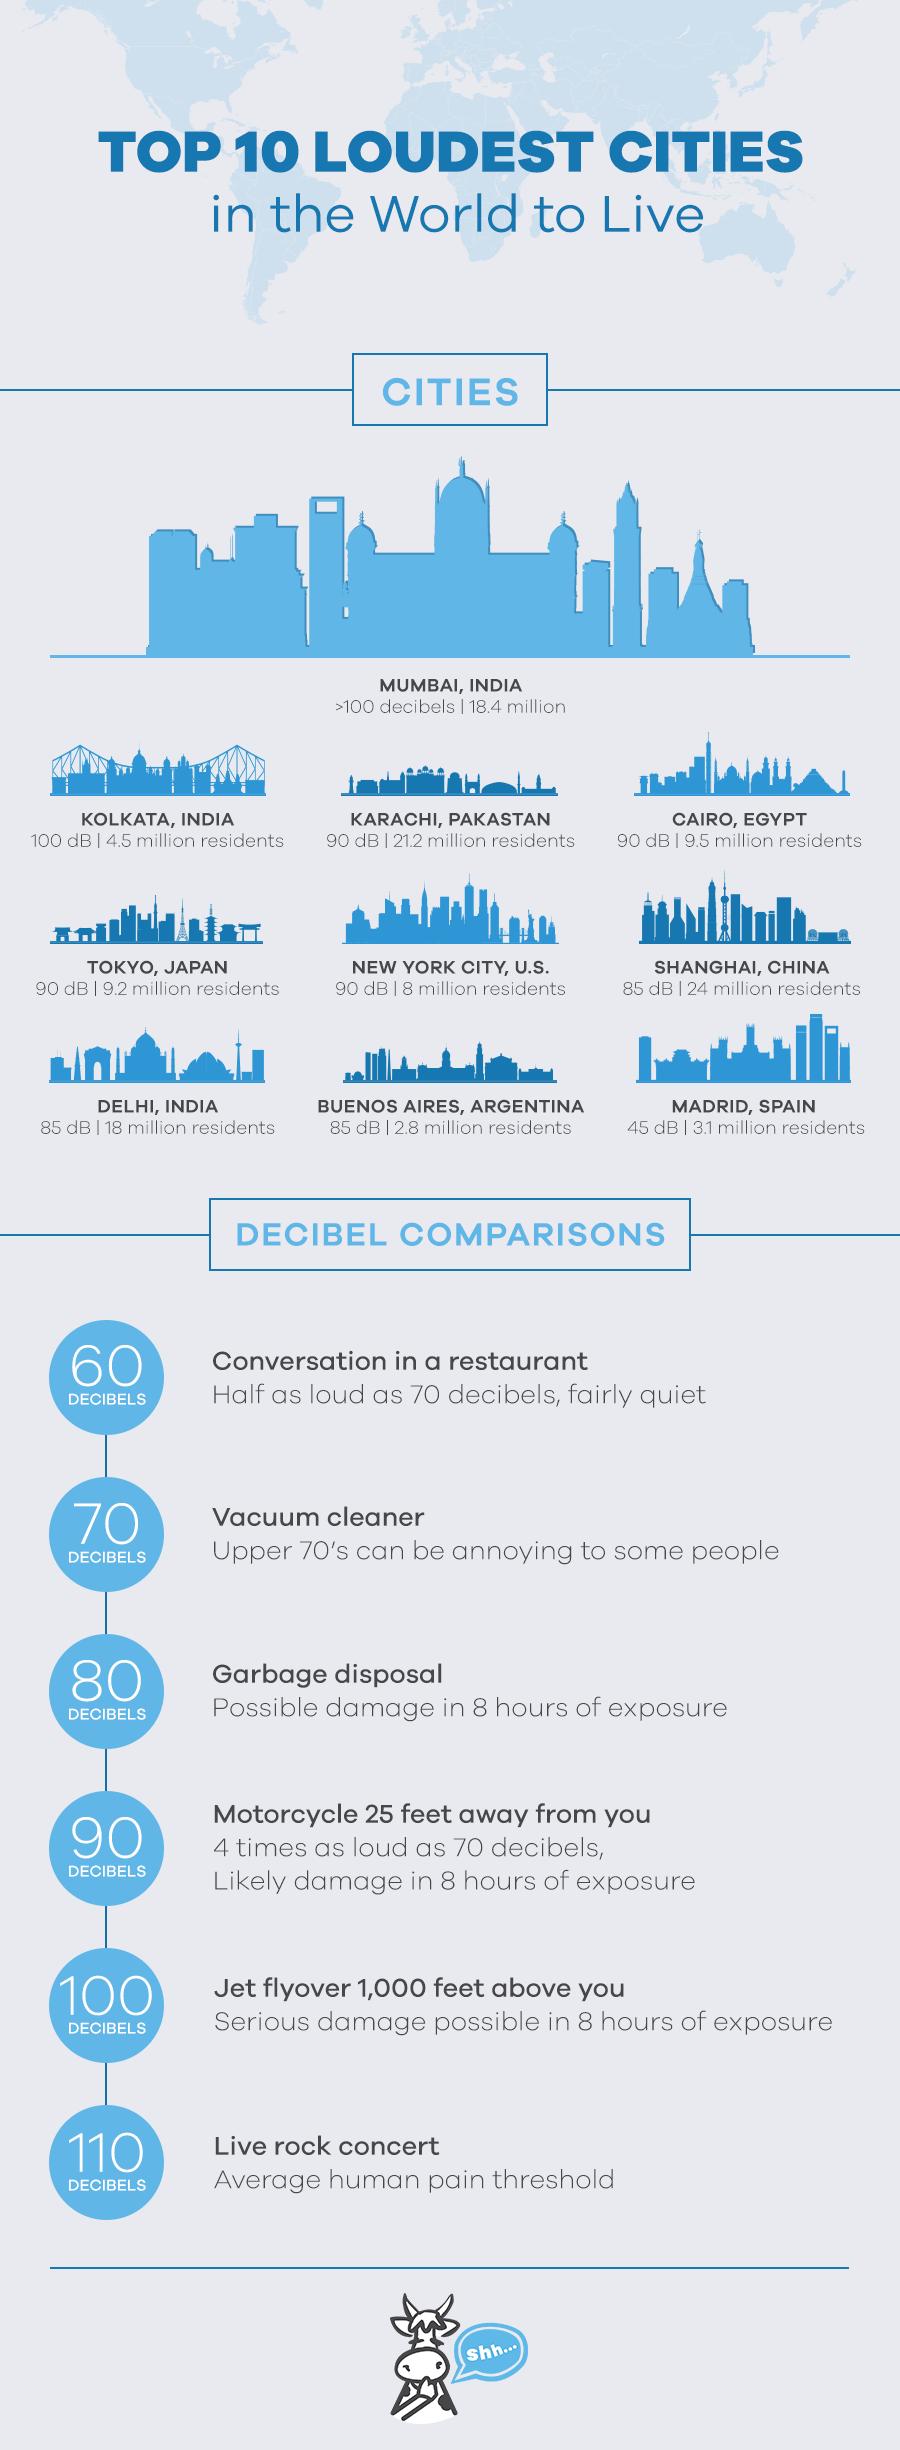 Top 10 Loudest Cities